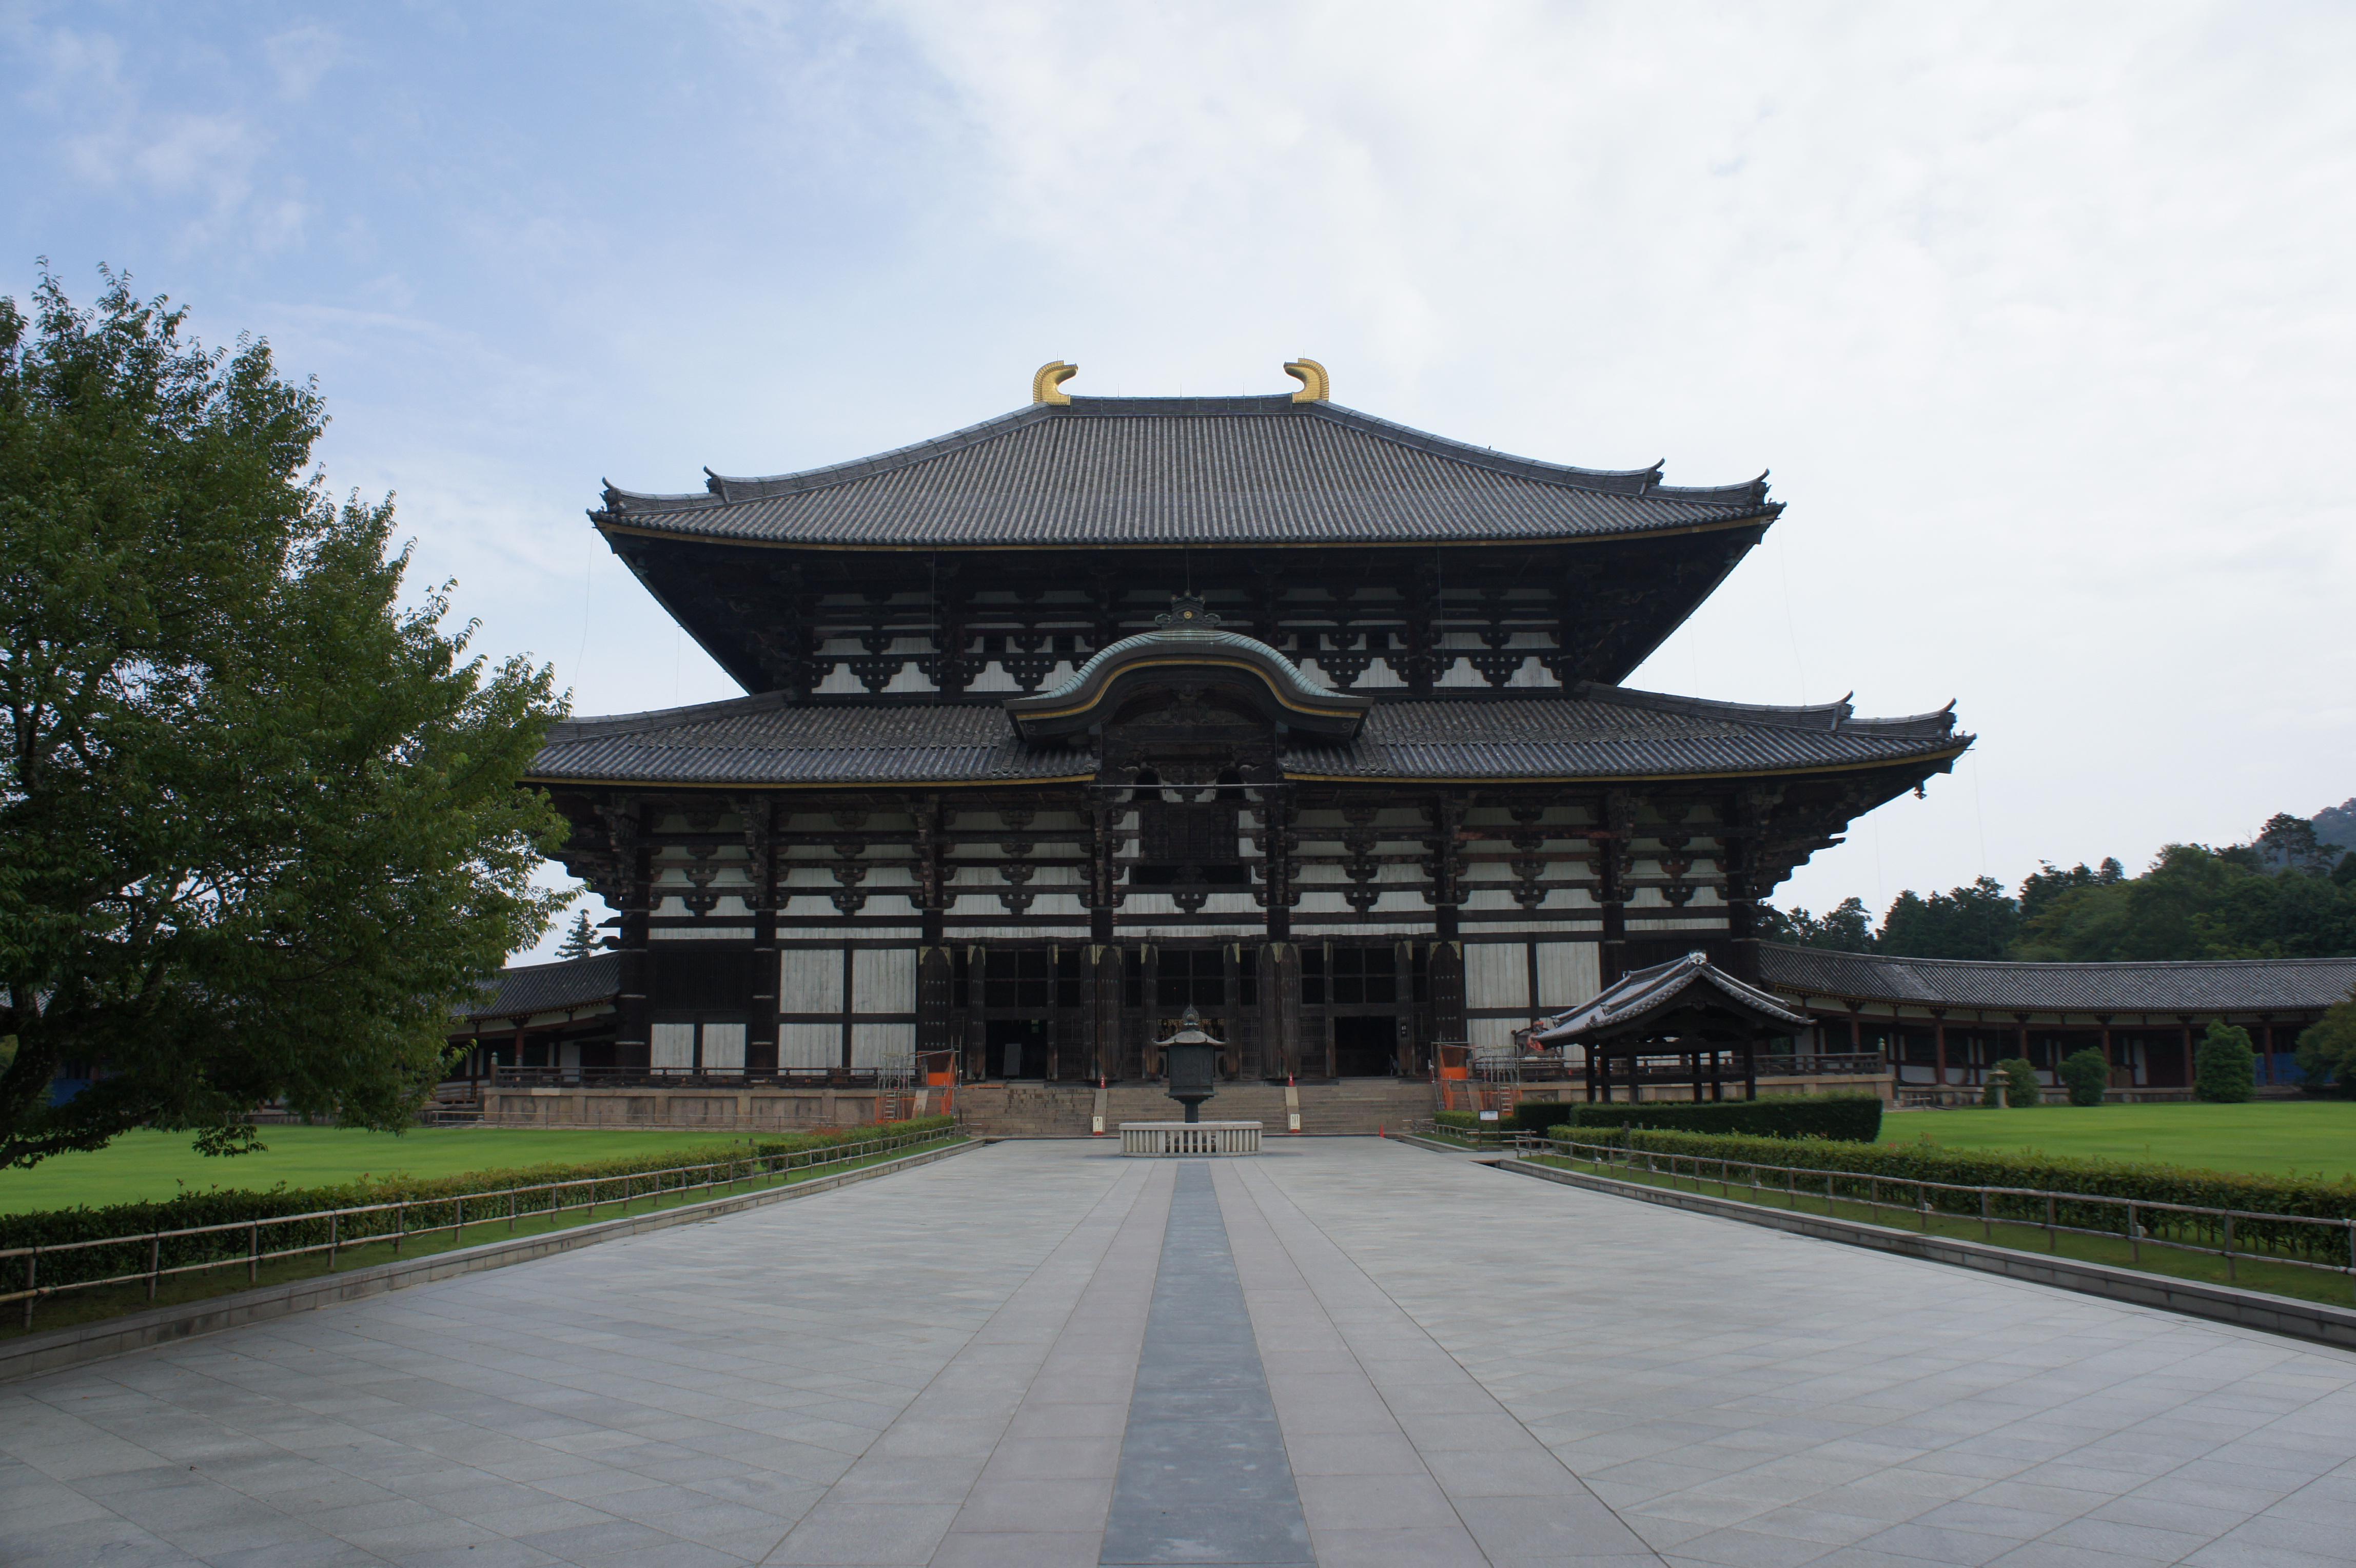 【職場・社員旅行モデルコース】建築業界の方におすすめ!満喫奈良2日間